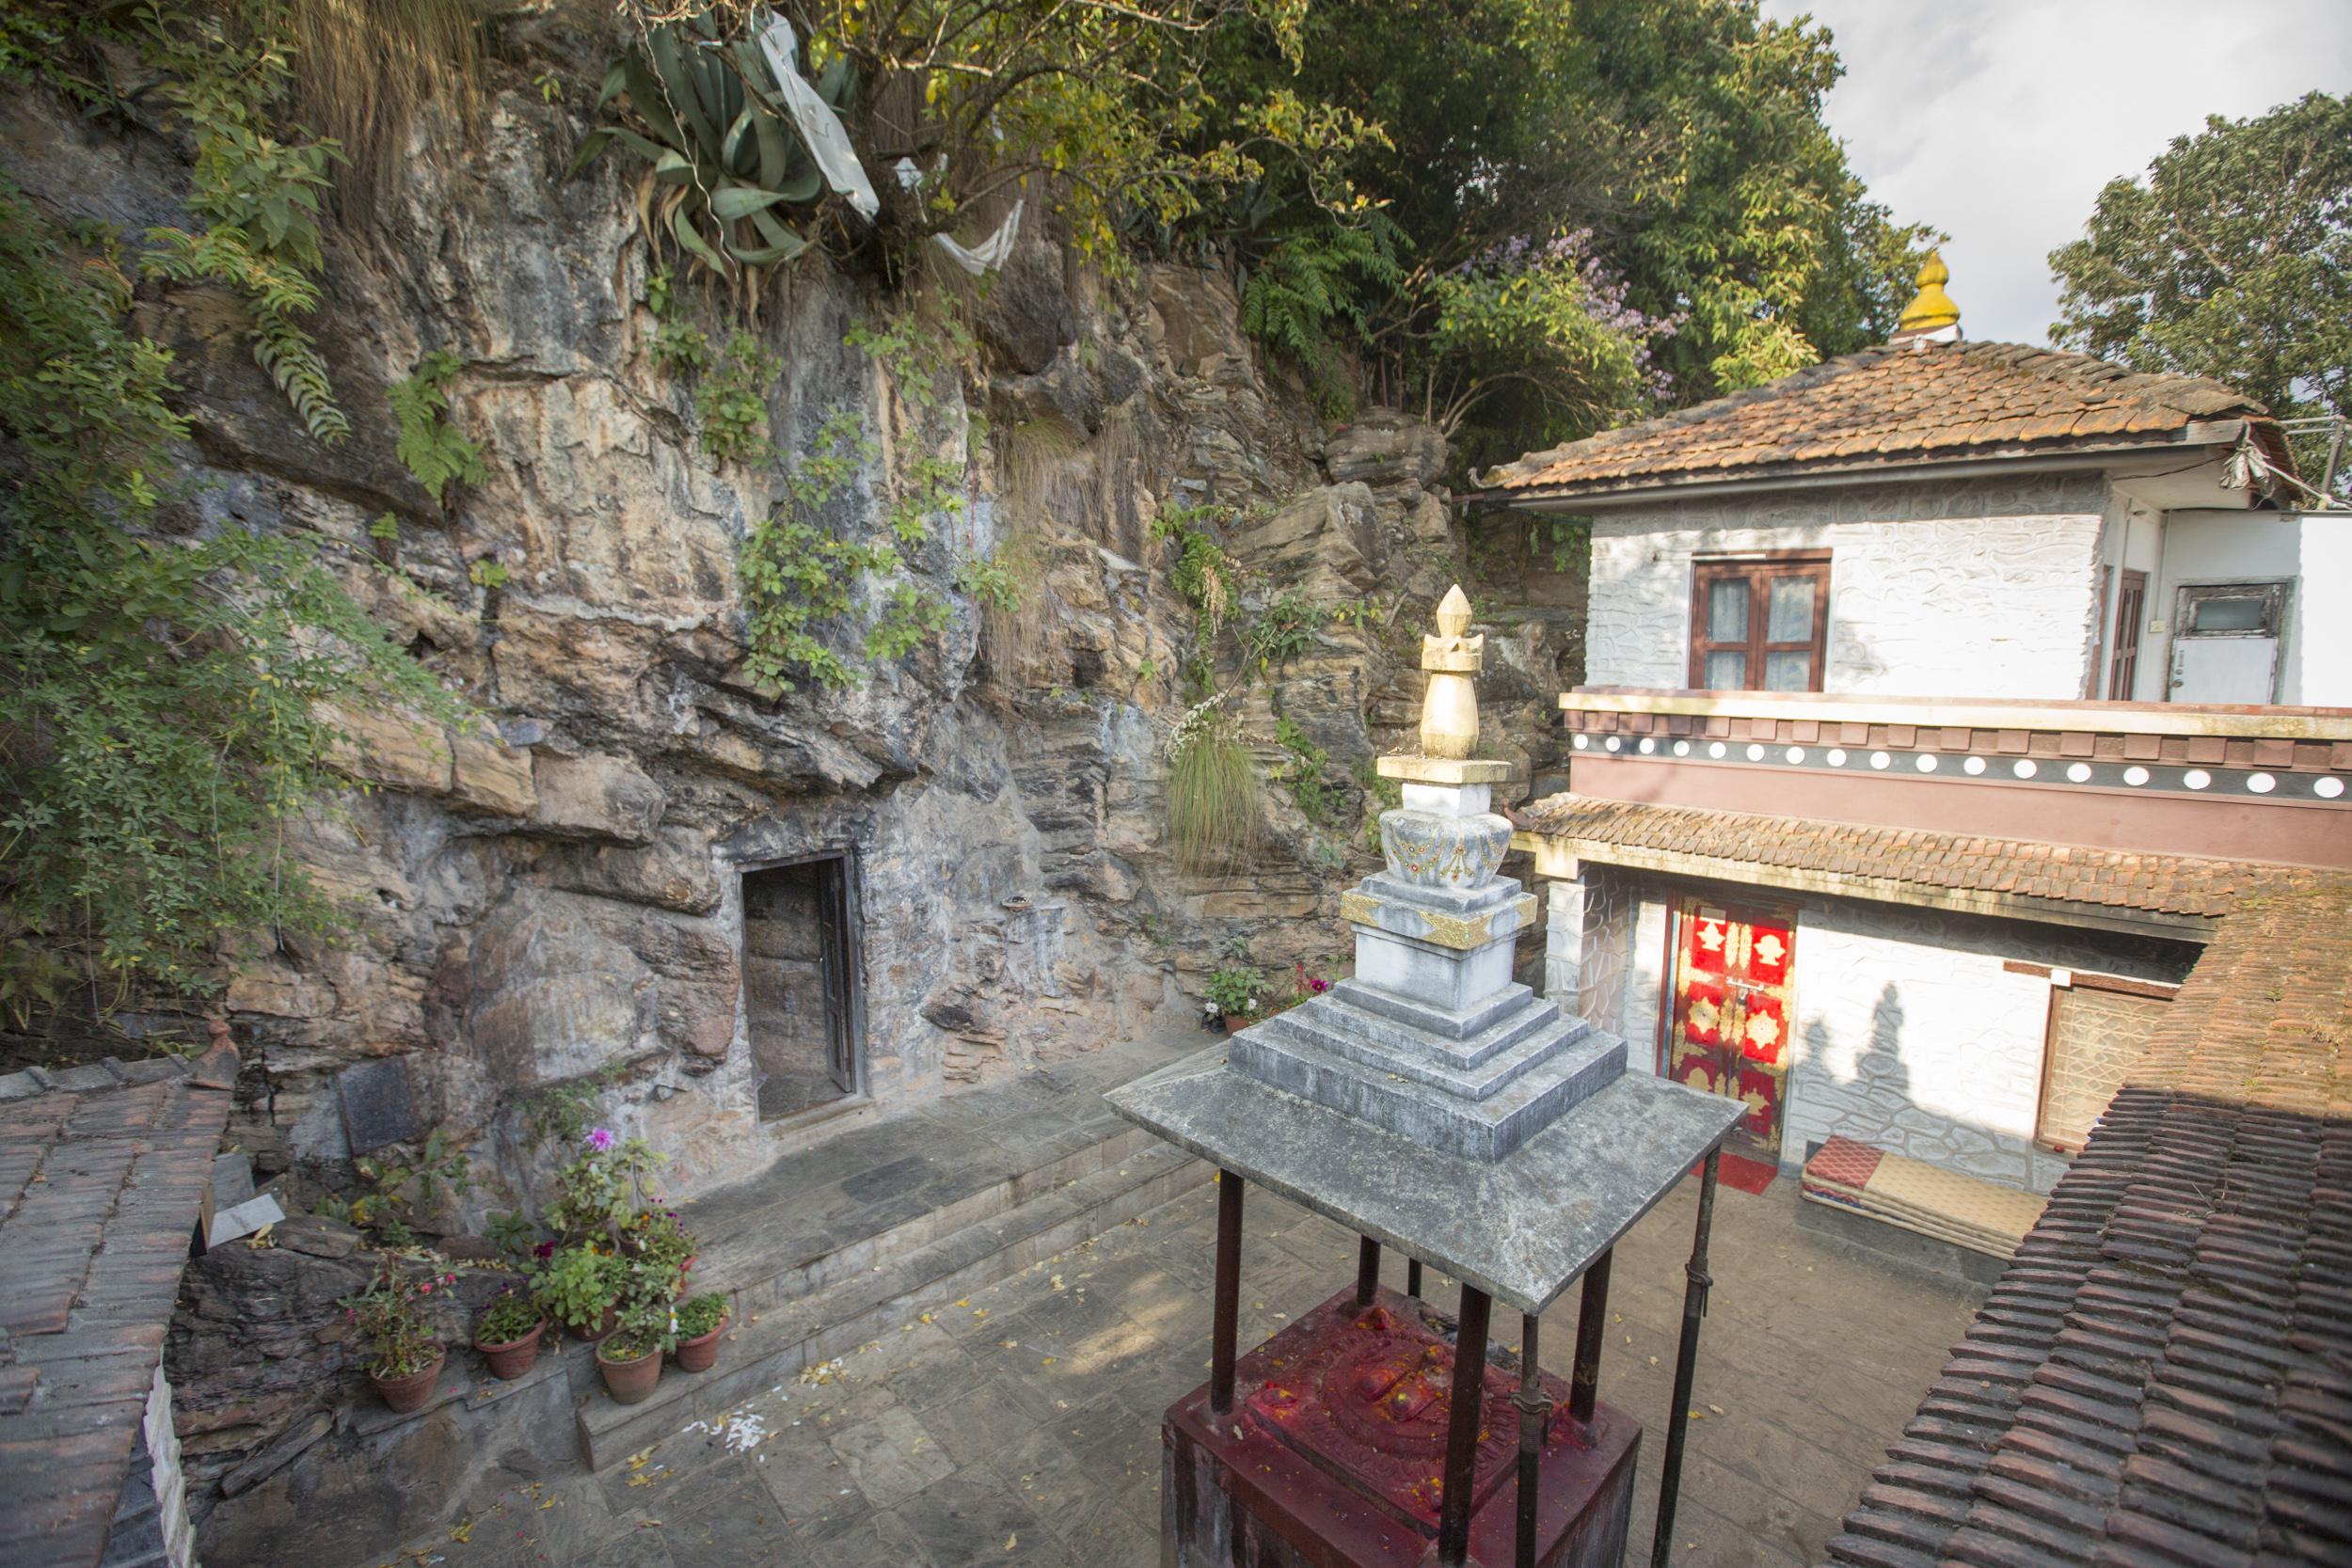 Asura_Cave_181020-72.jpg